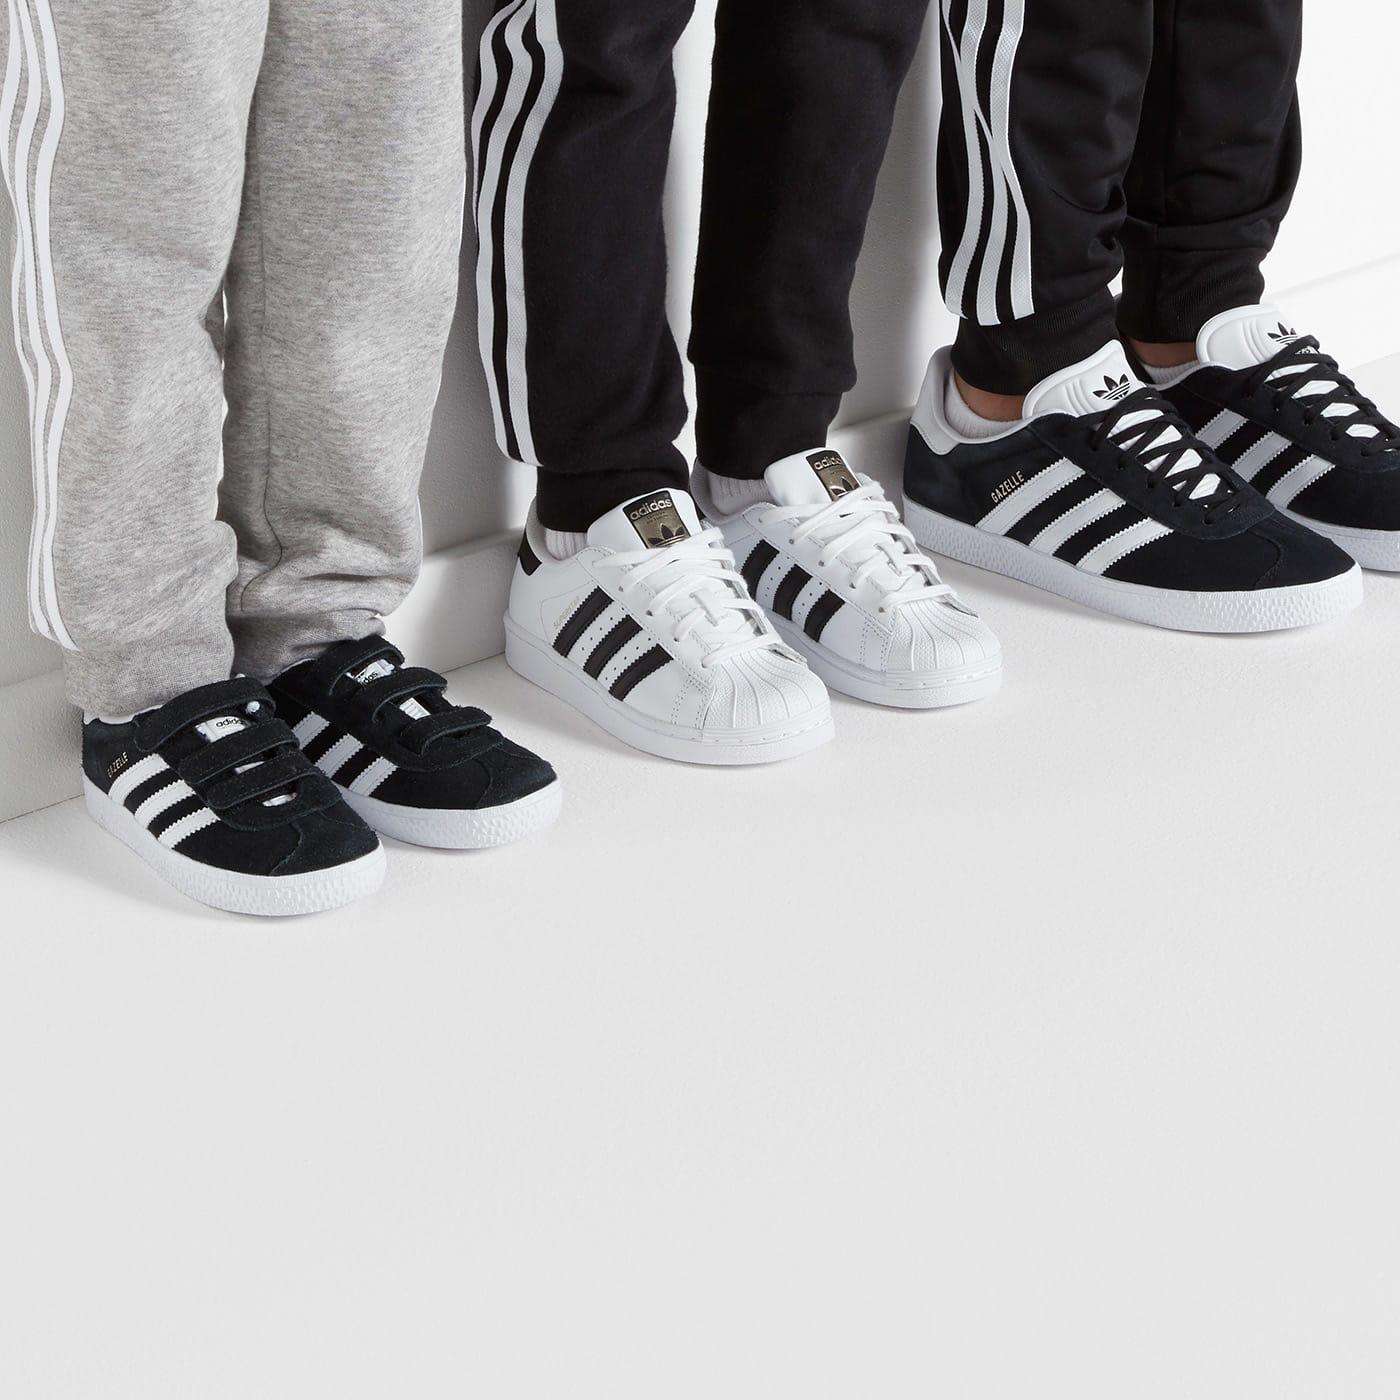 newest 35221 9b1c8 Gutter - Sko  adidas NO